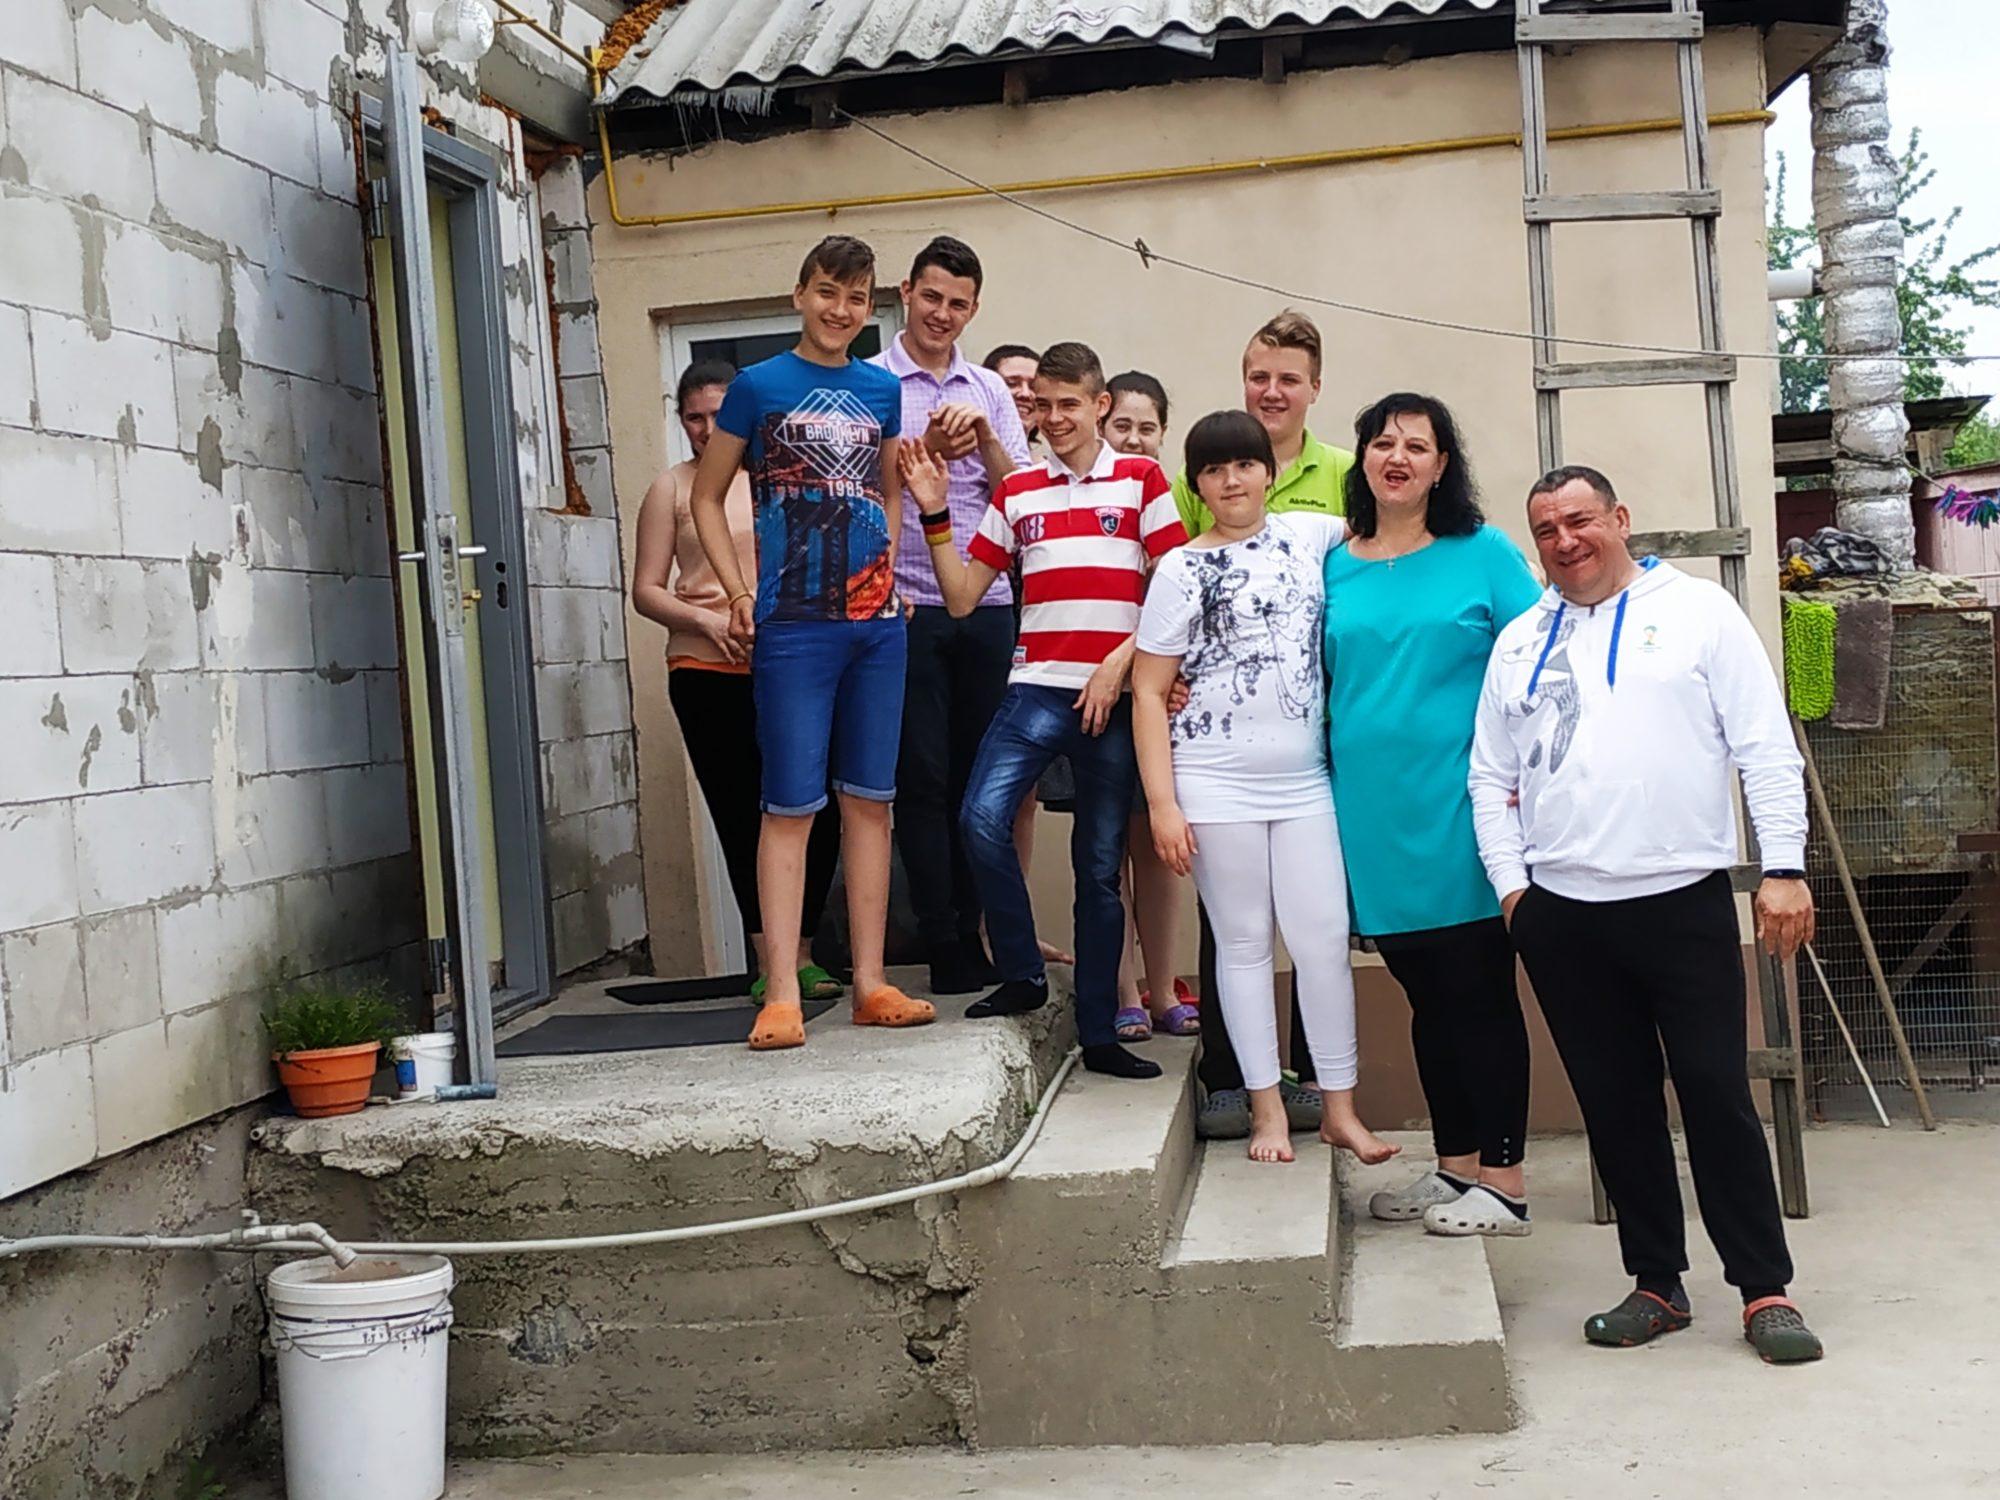 Секрет дружної родини: головне – це любити дітей - київщина, дитячий будинок сімейного типу, Вишгородський район - 0515 Bondarenky1 2000x1500